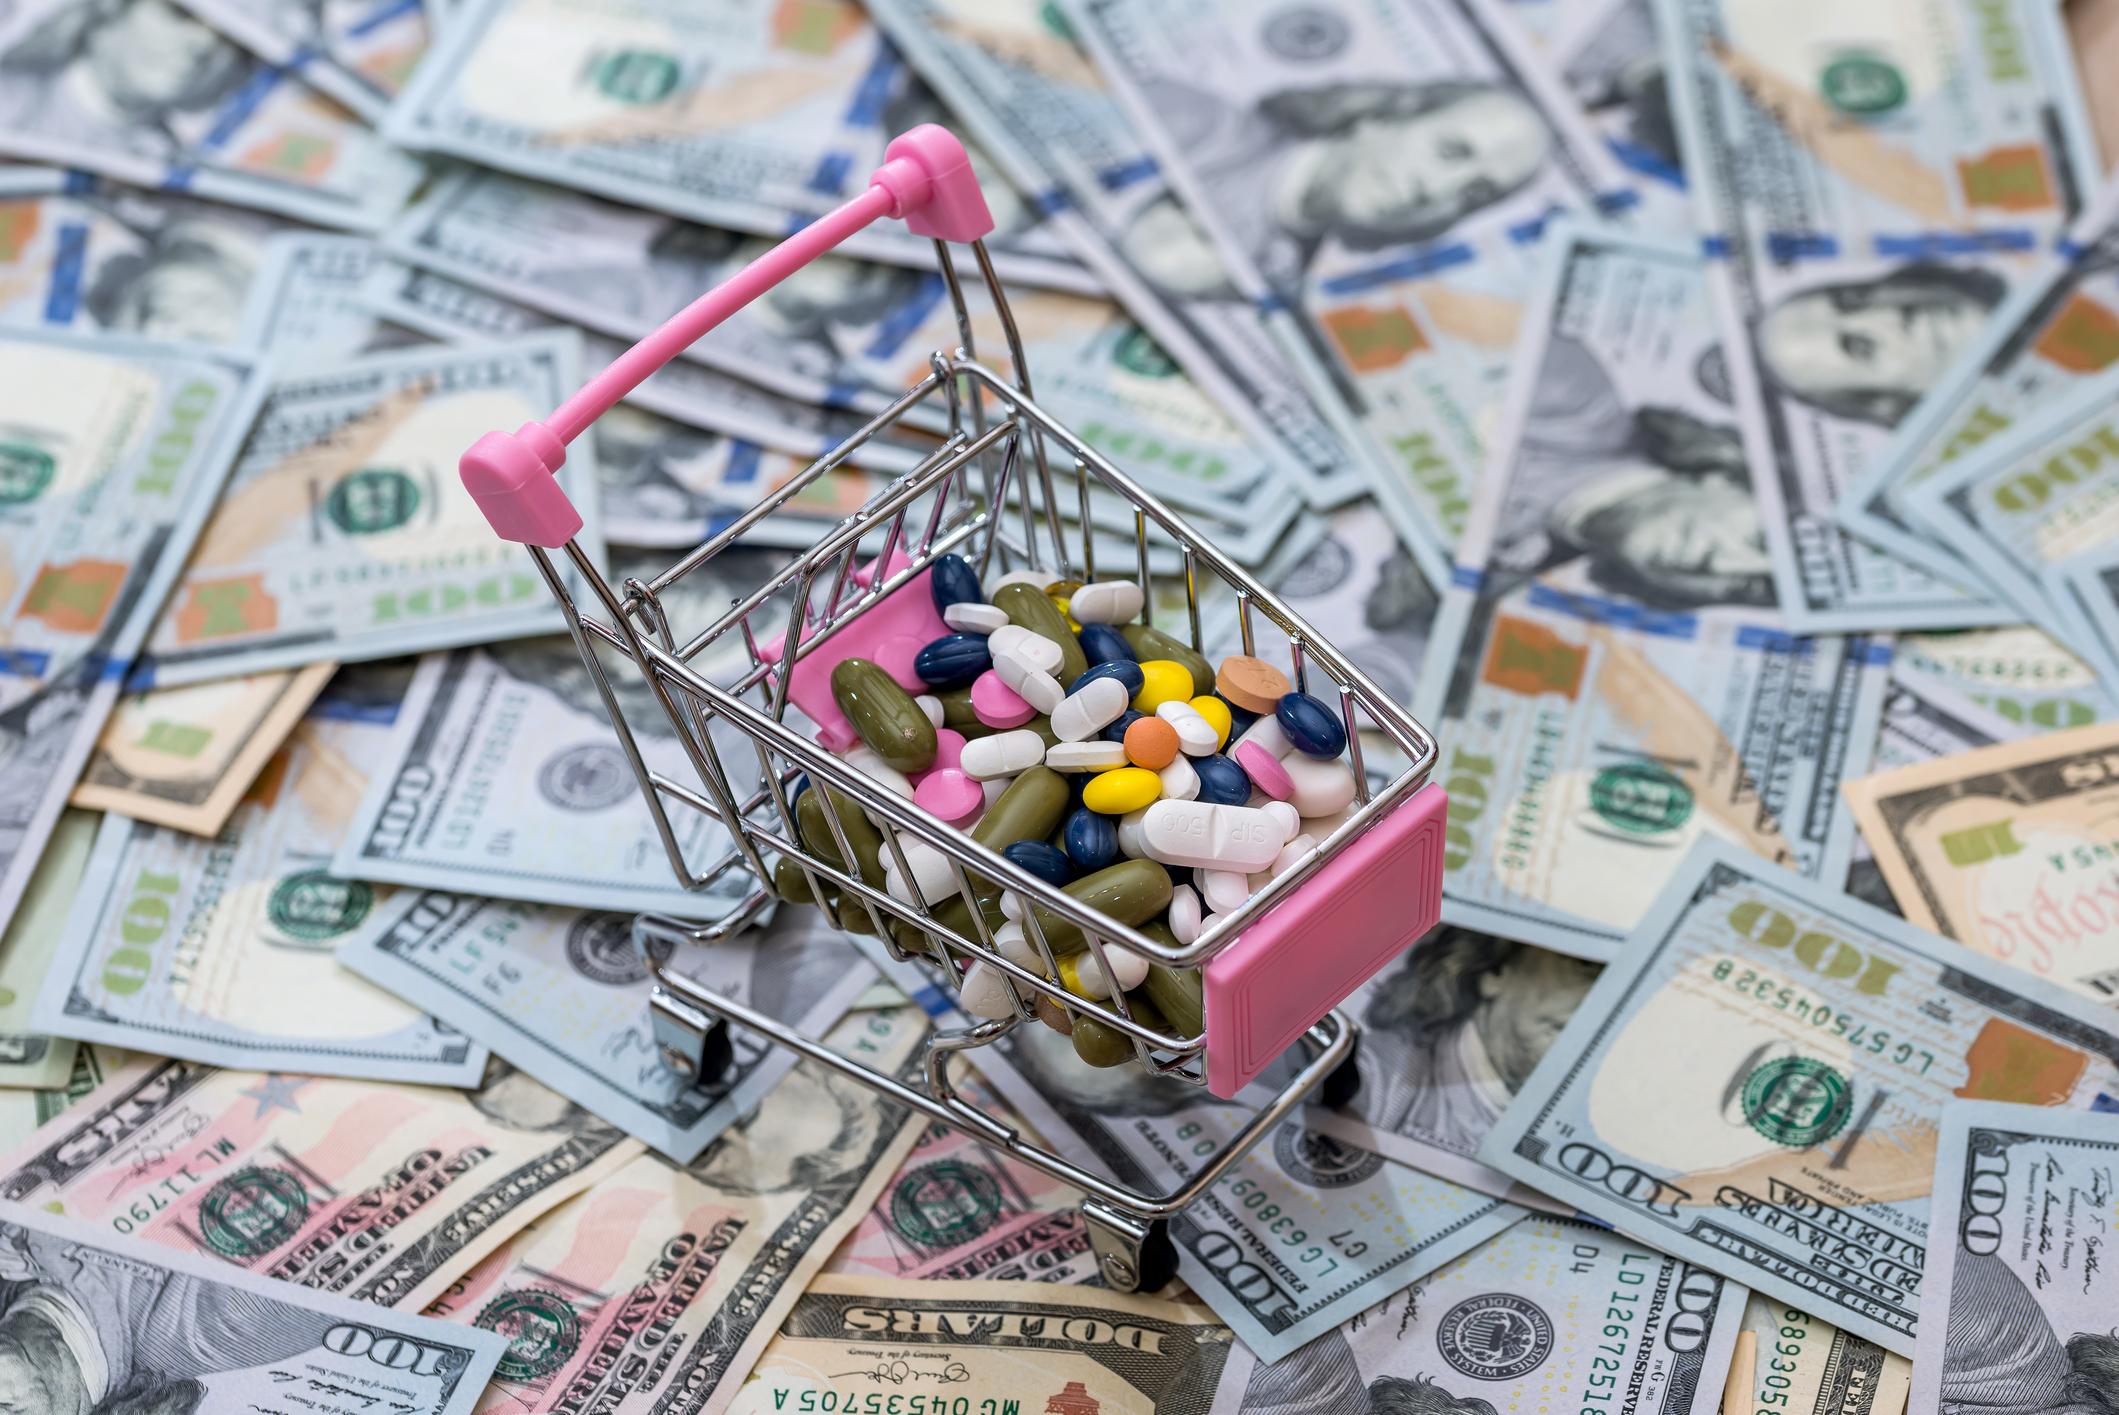 drugs-in-basket-on-cash-money-getty